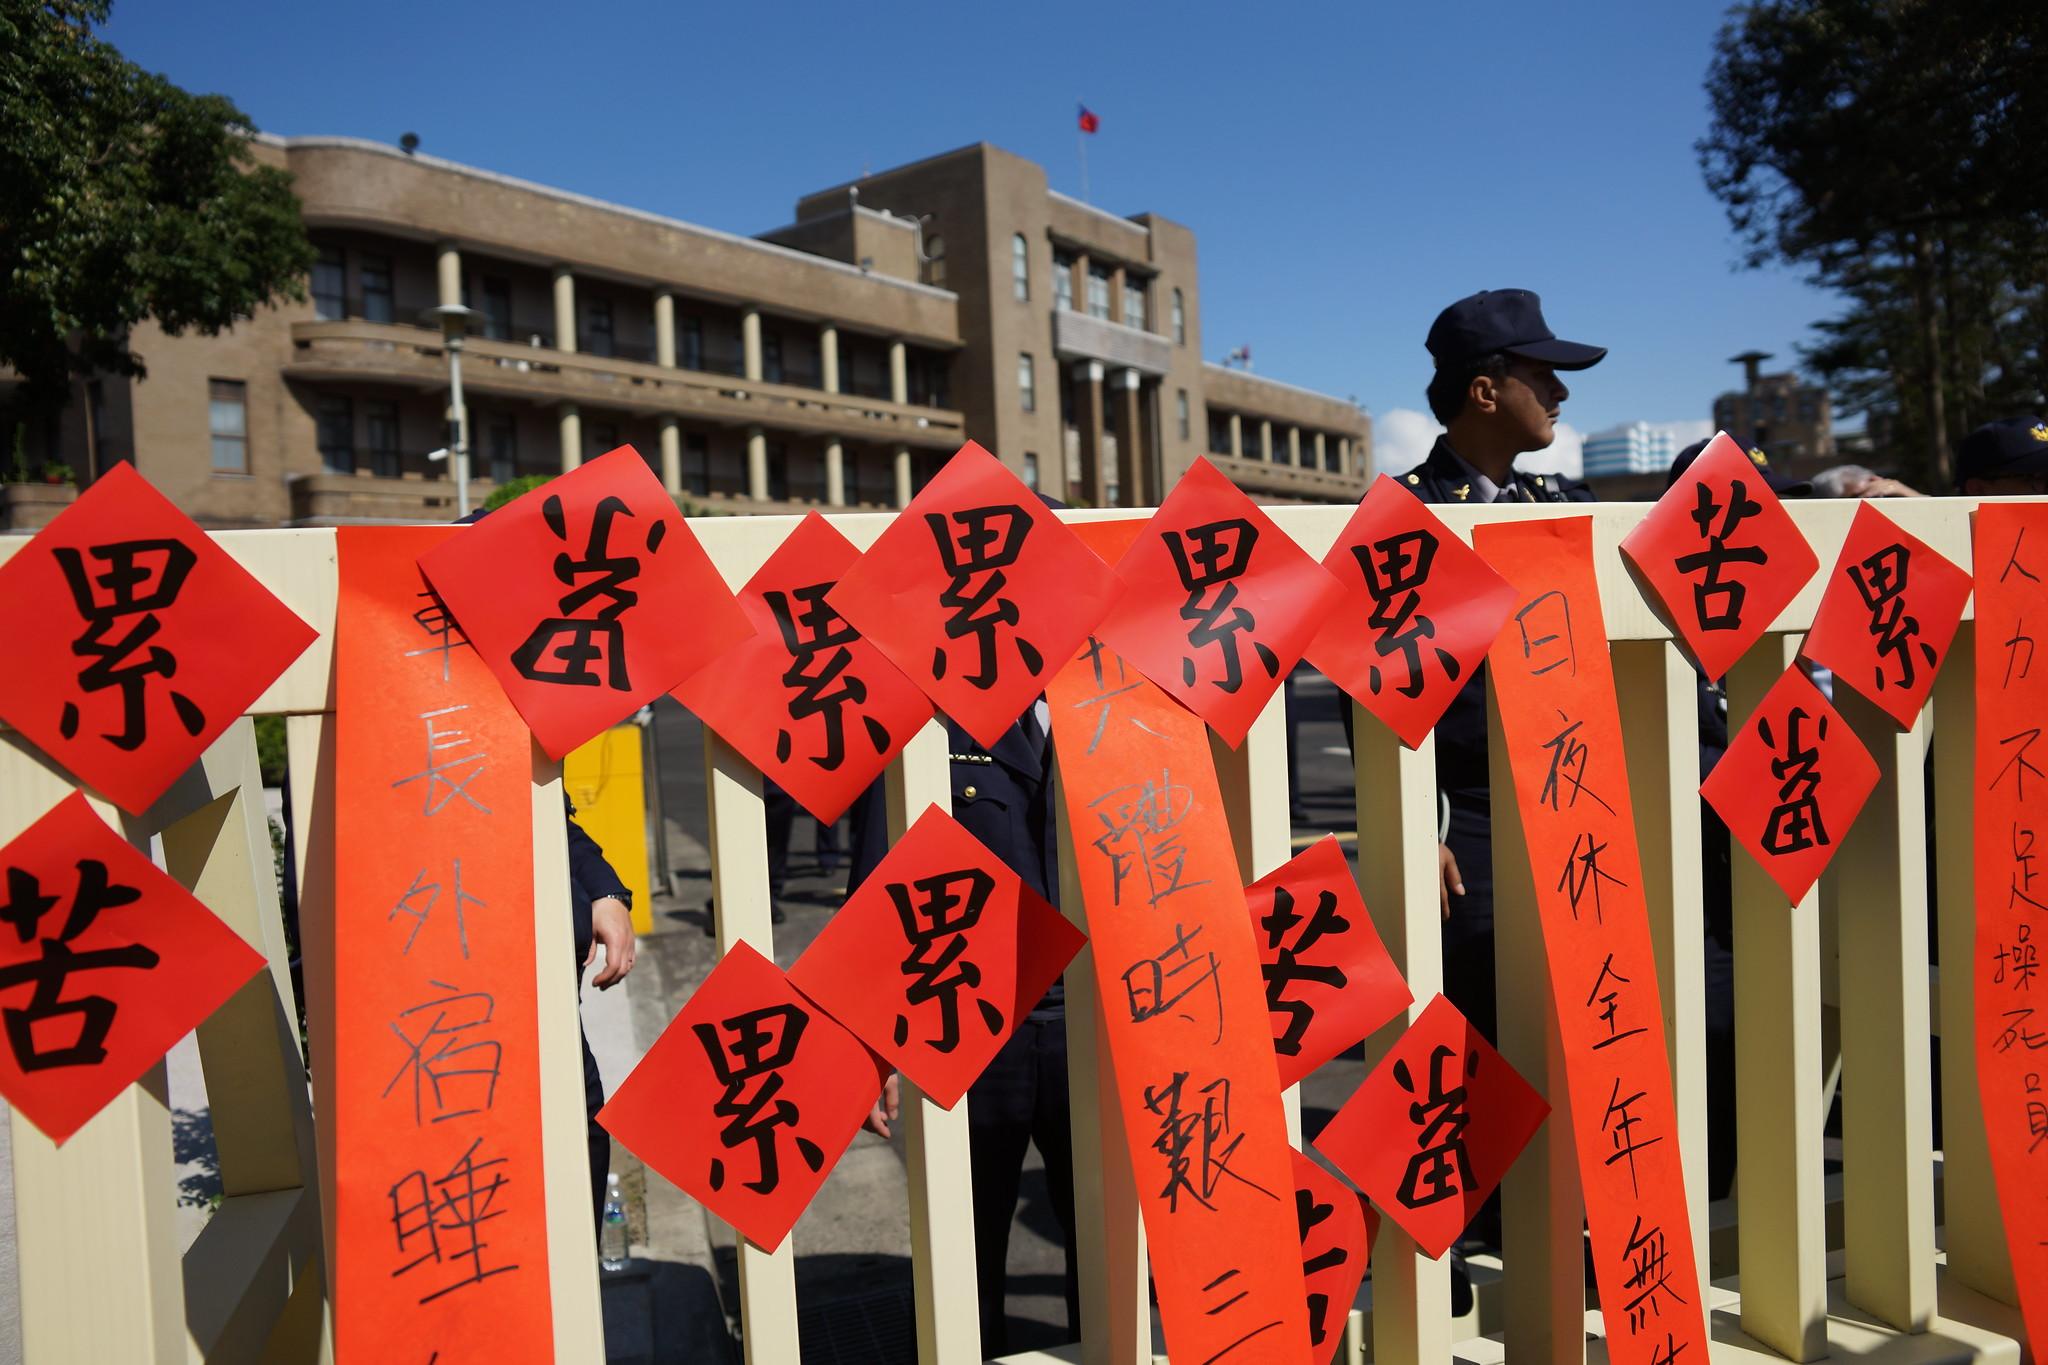 工会也将春联贴上行政院大门。(摄影:王颢中)